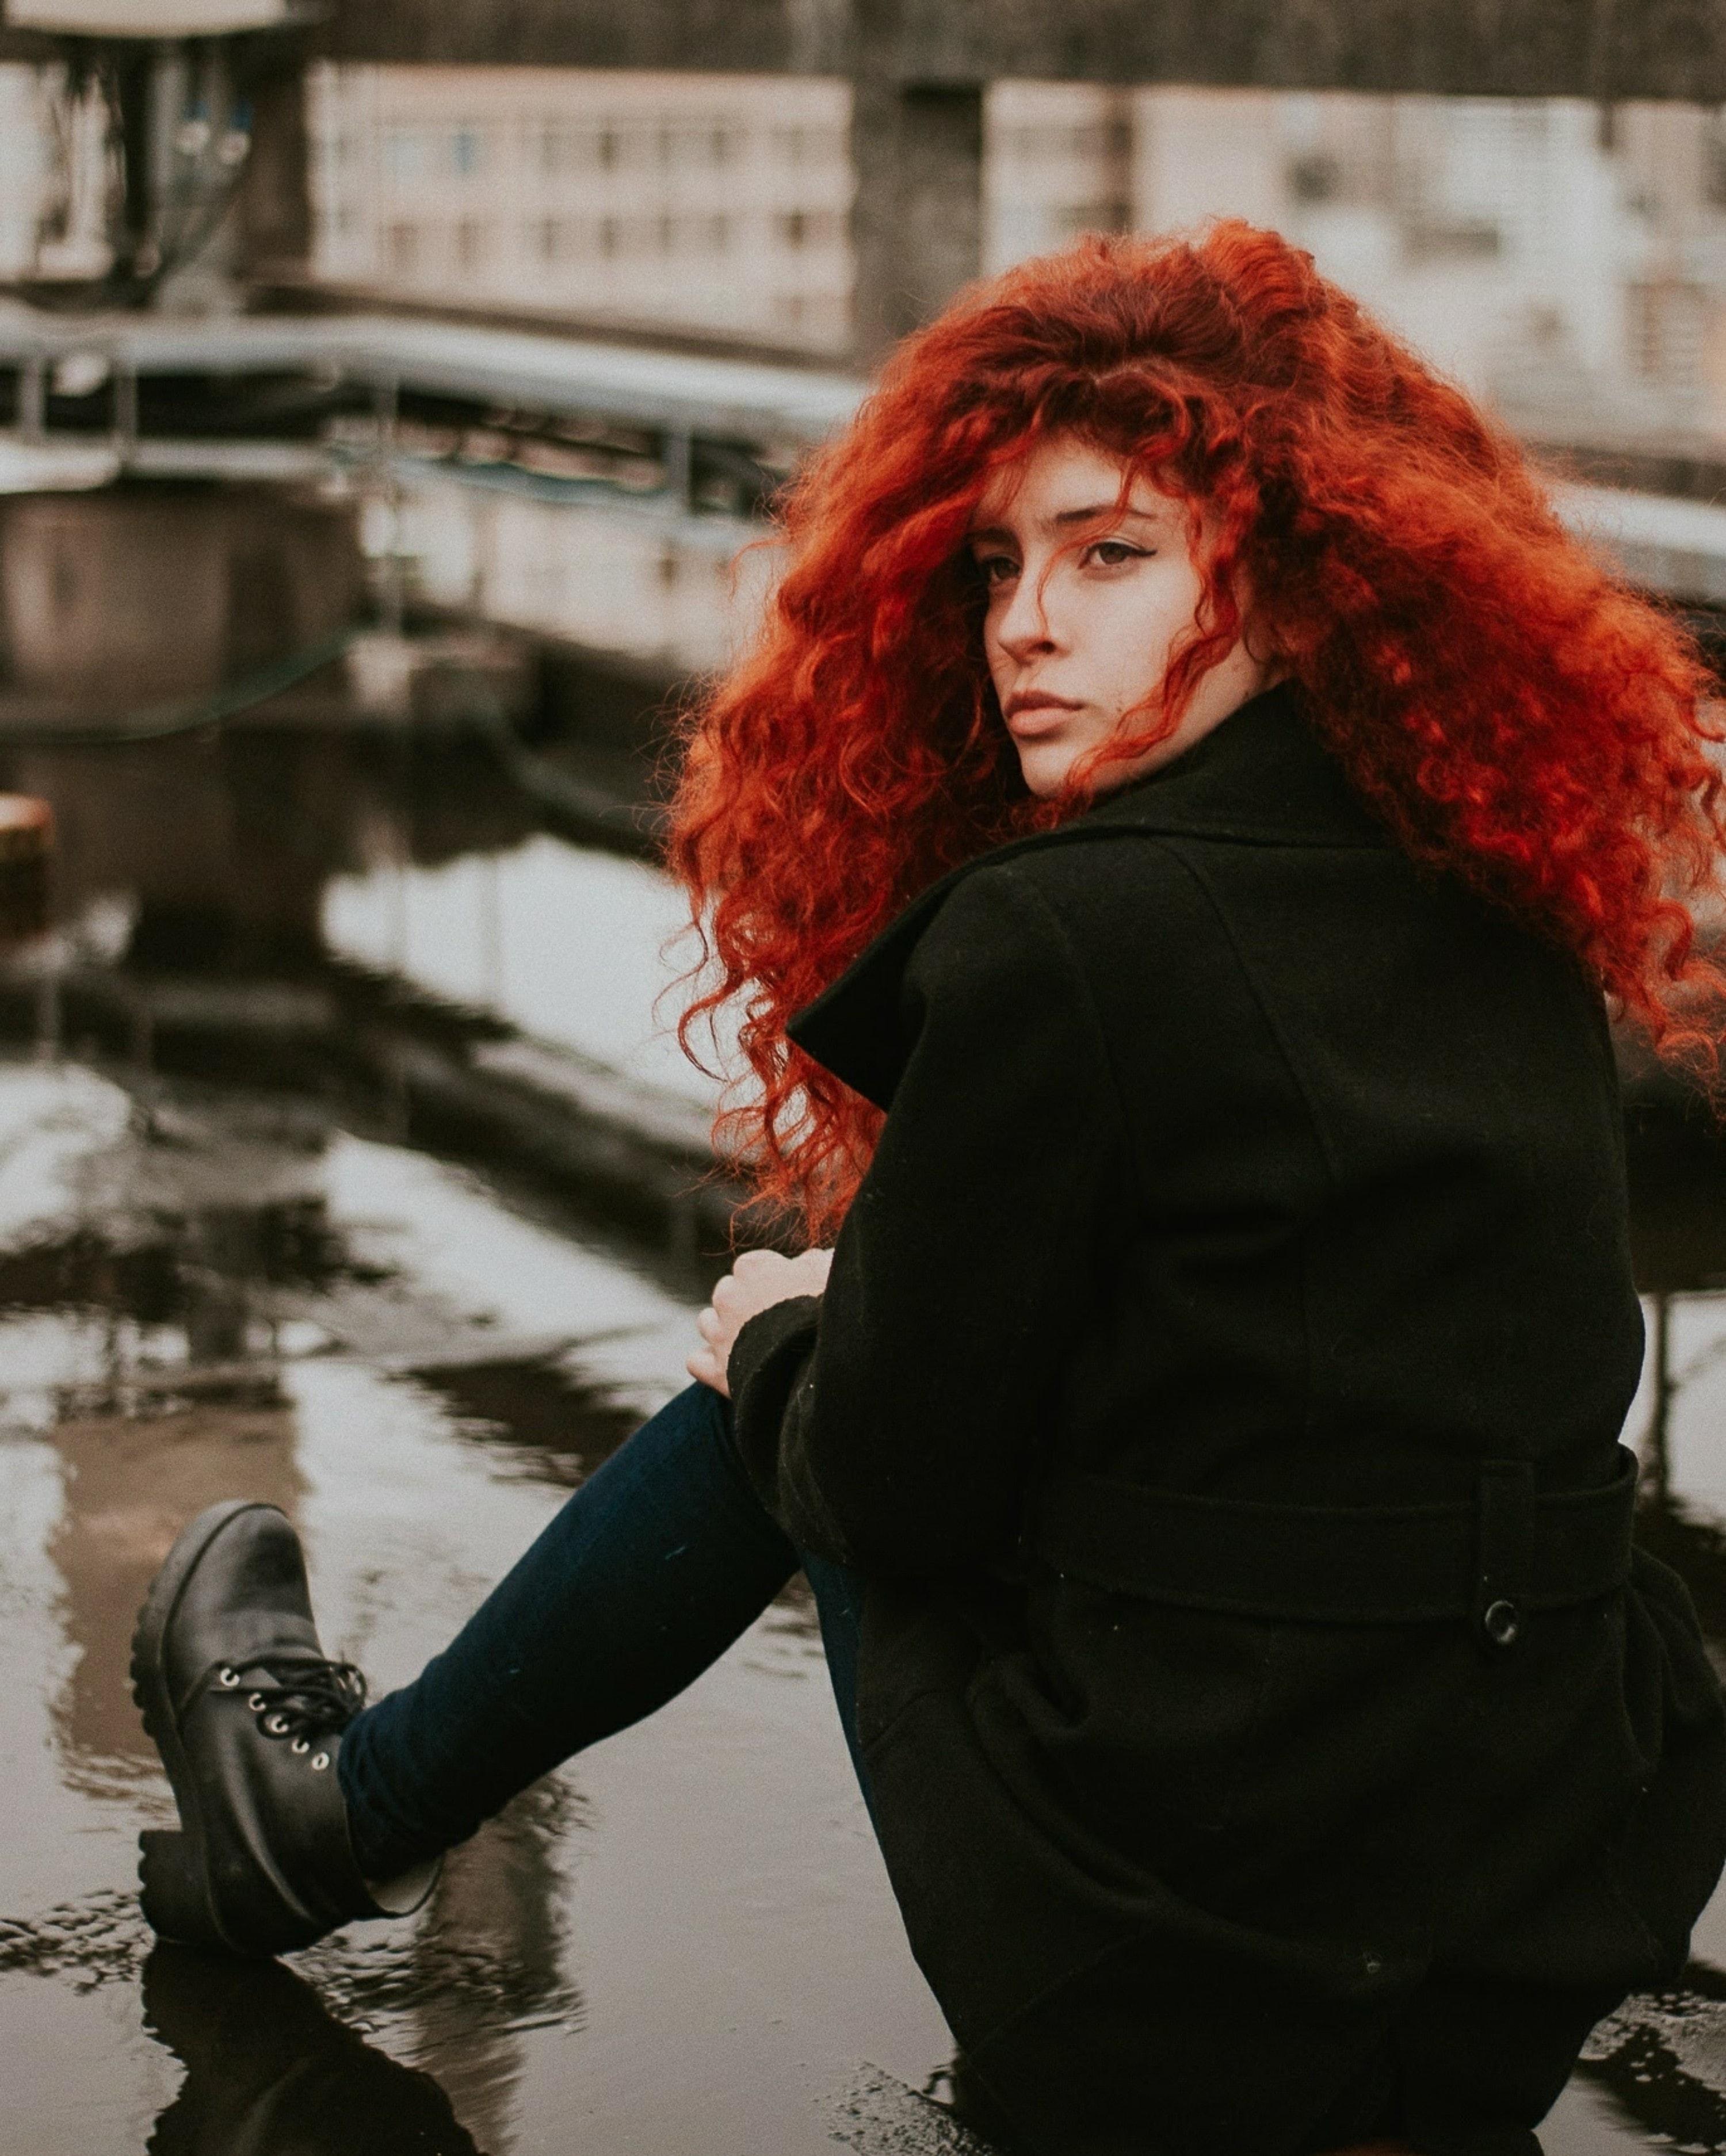 Cheveux roux flamboyants